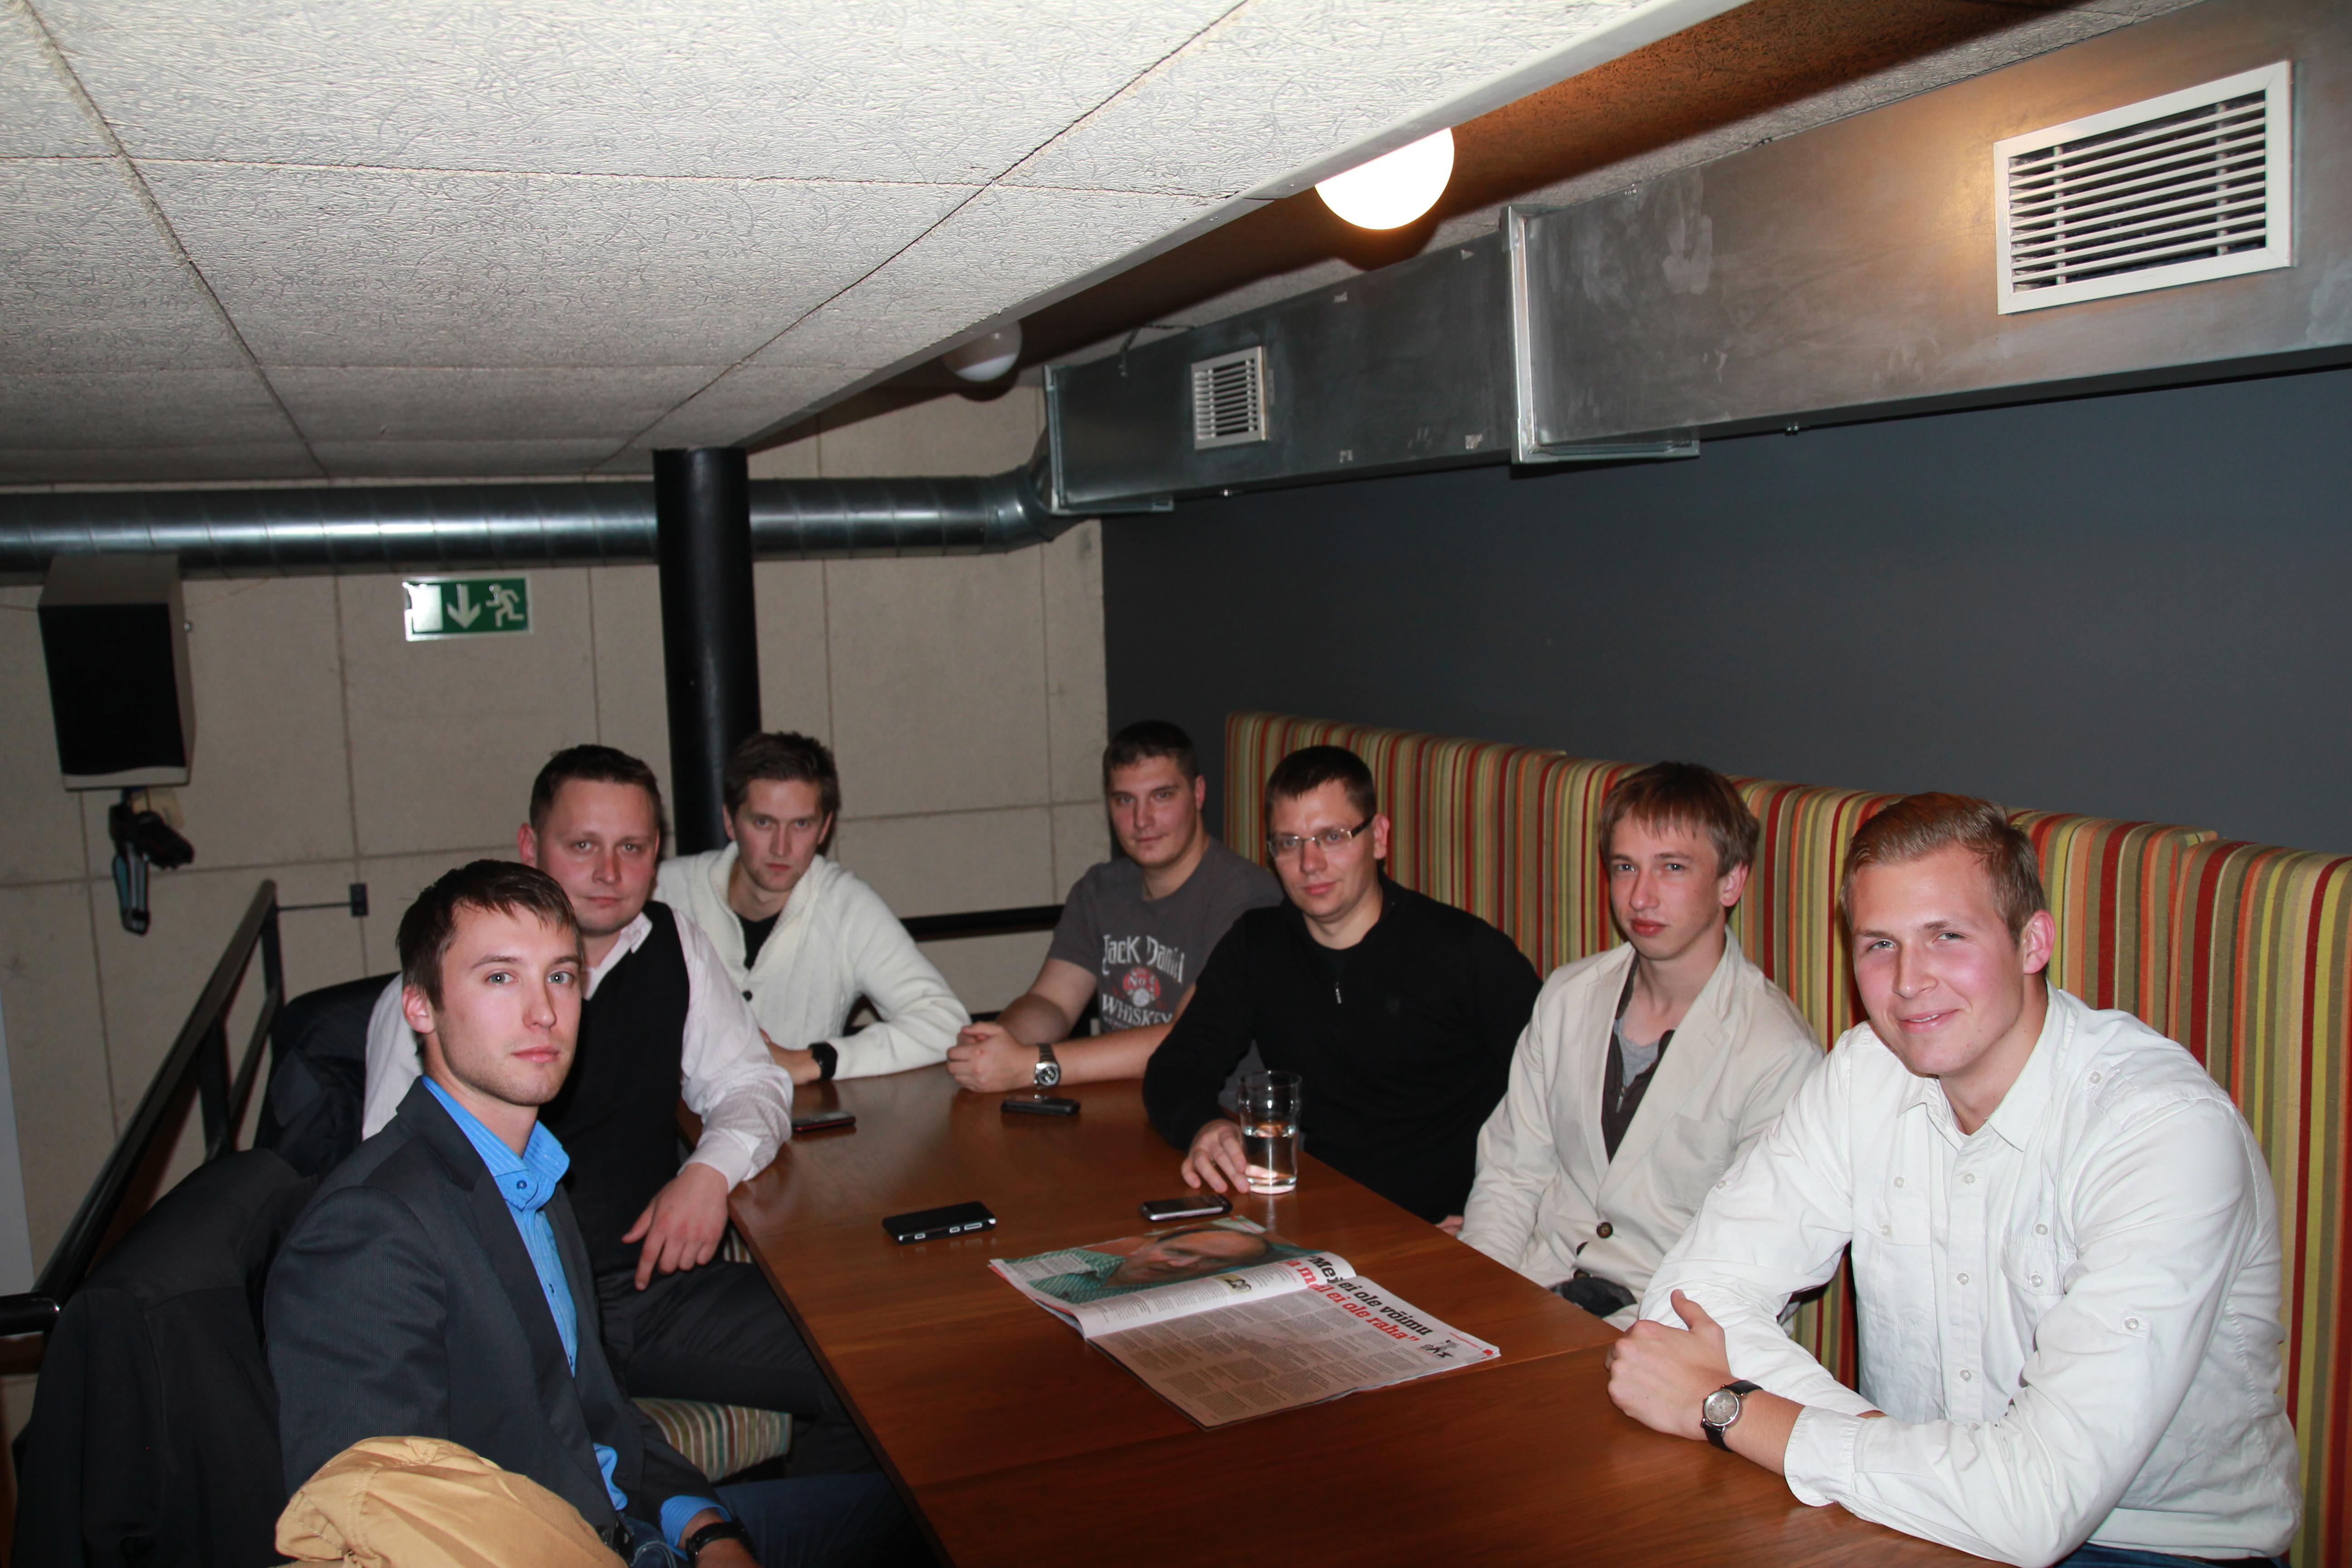 Konservatiivsed Noored alustavad aktsioone Tallinnas